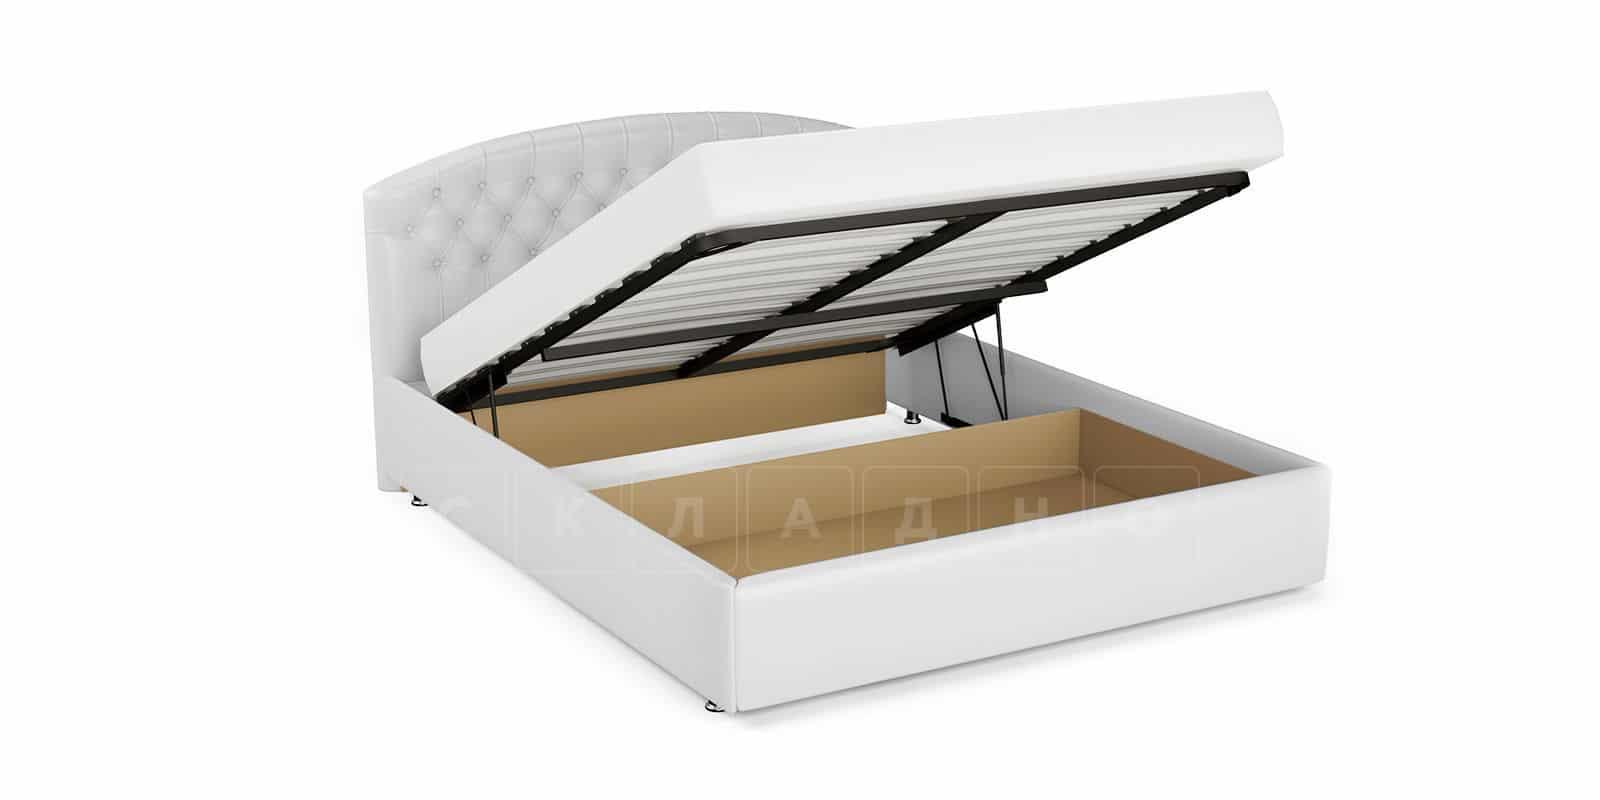 Мягкая кровать Малибу 160см экокожа белого цвета вариант 1 фото 6   интернет-магазин Складно